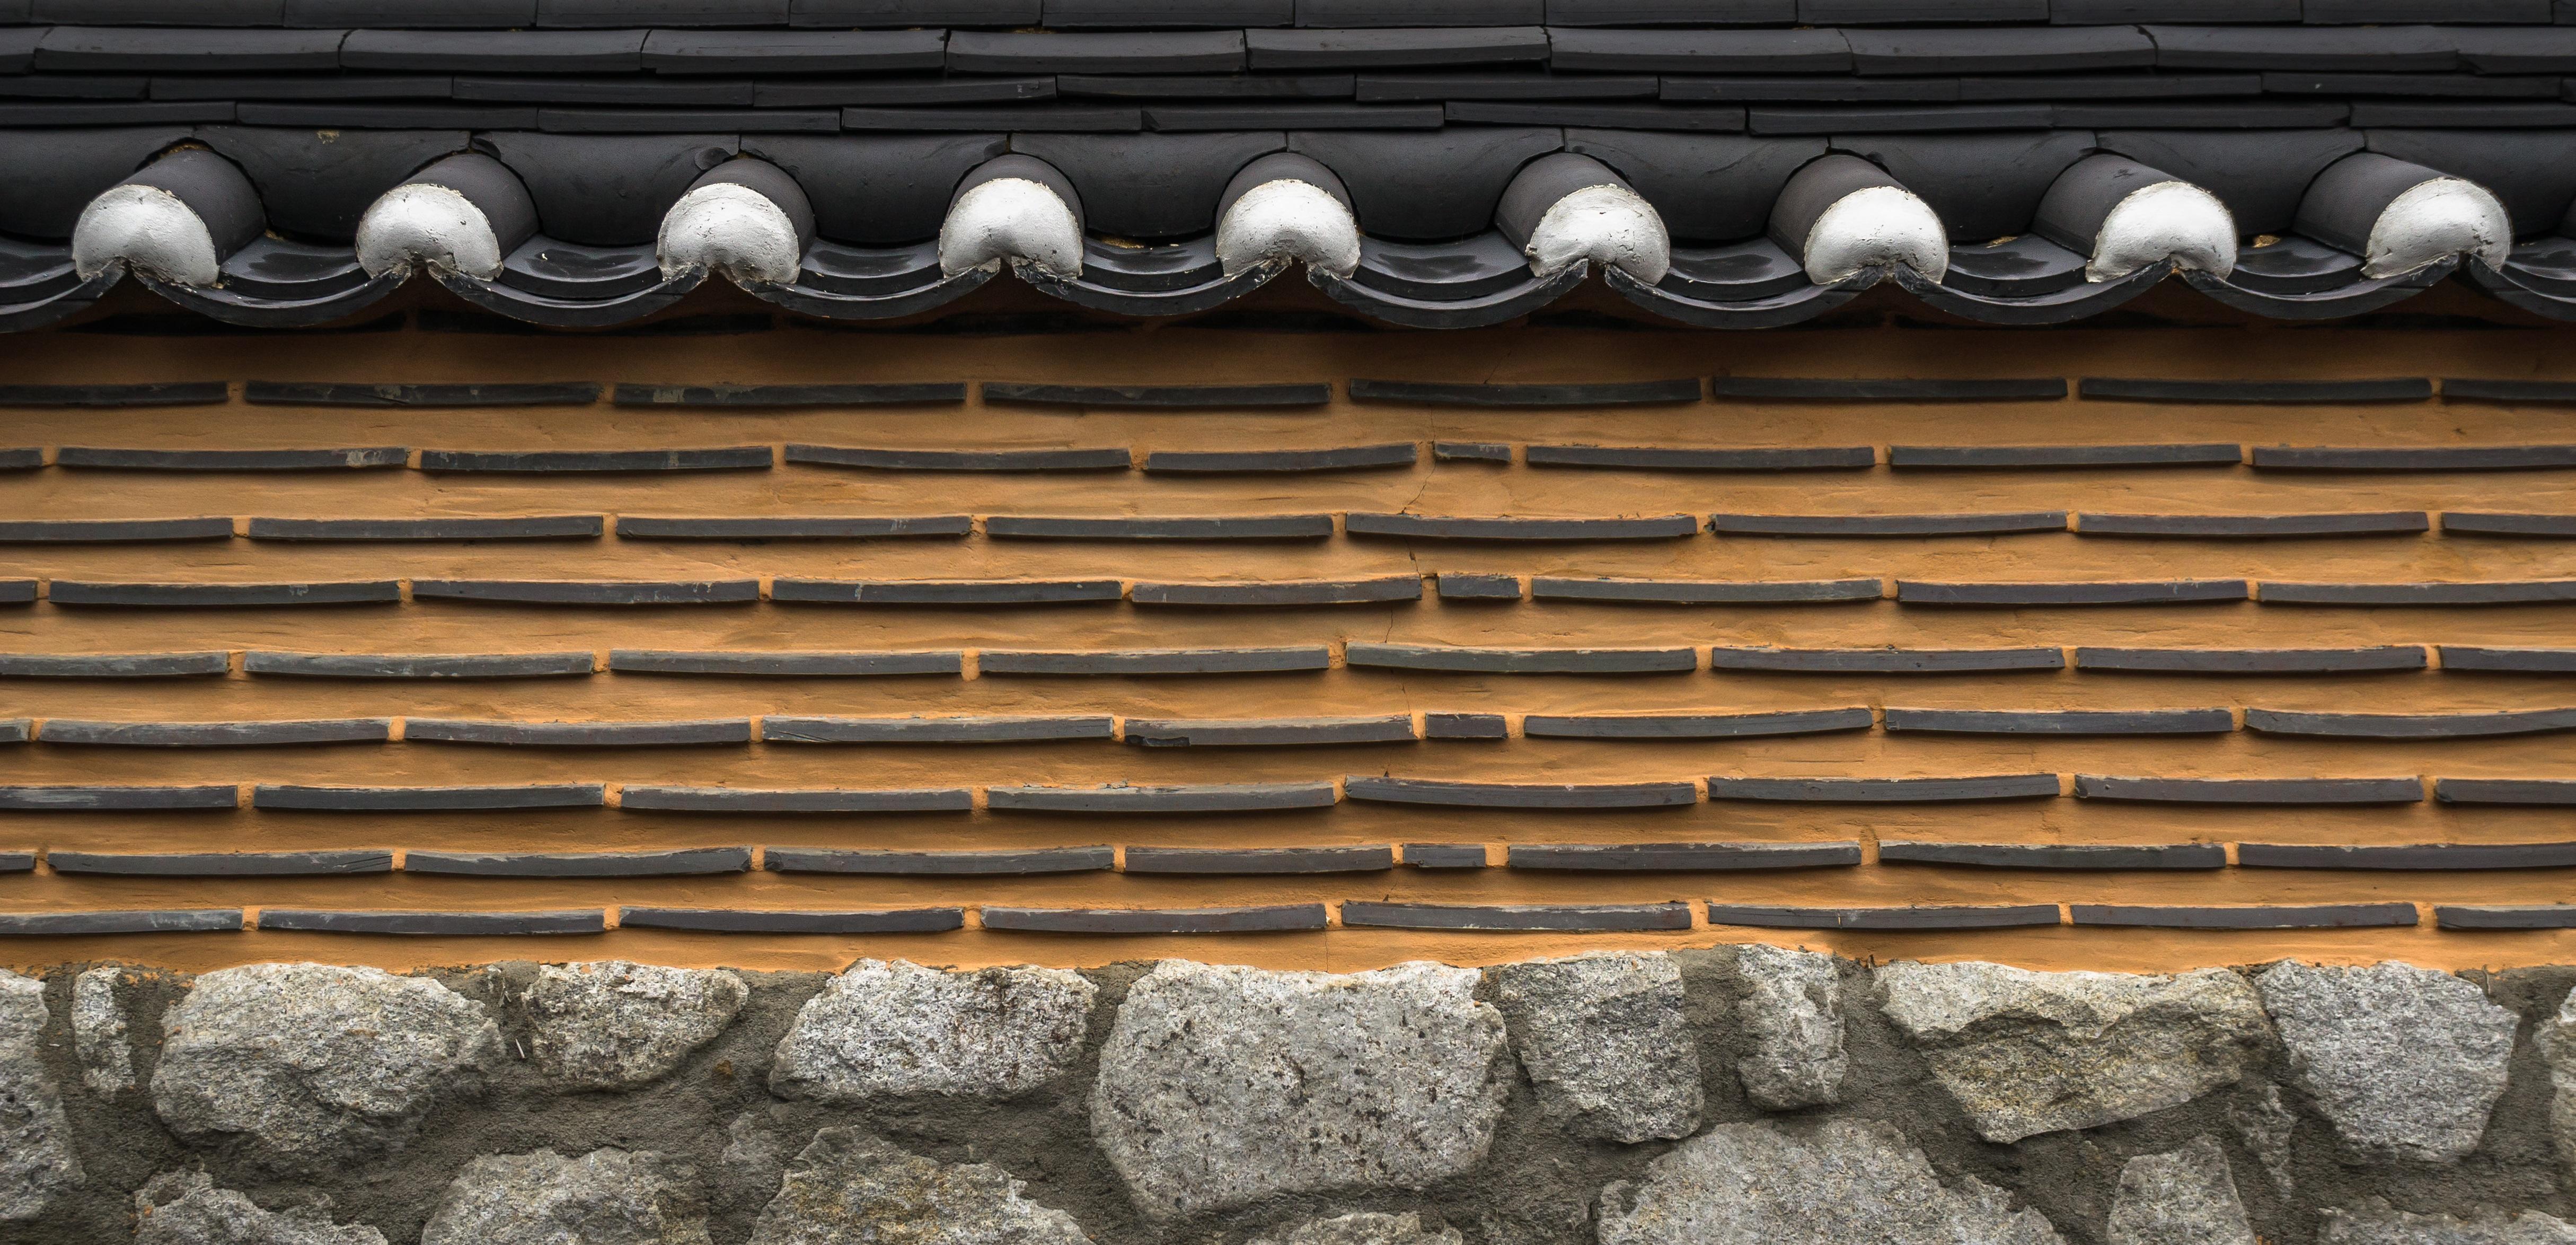 무료 이미지 : 목재, 조직, 내부, 야생, 구성, 무늬, 기둥, 돌담 ...